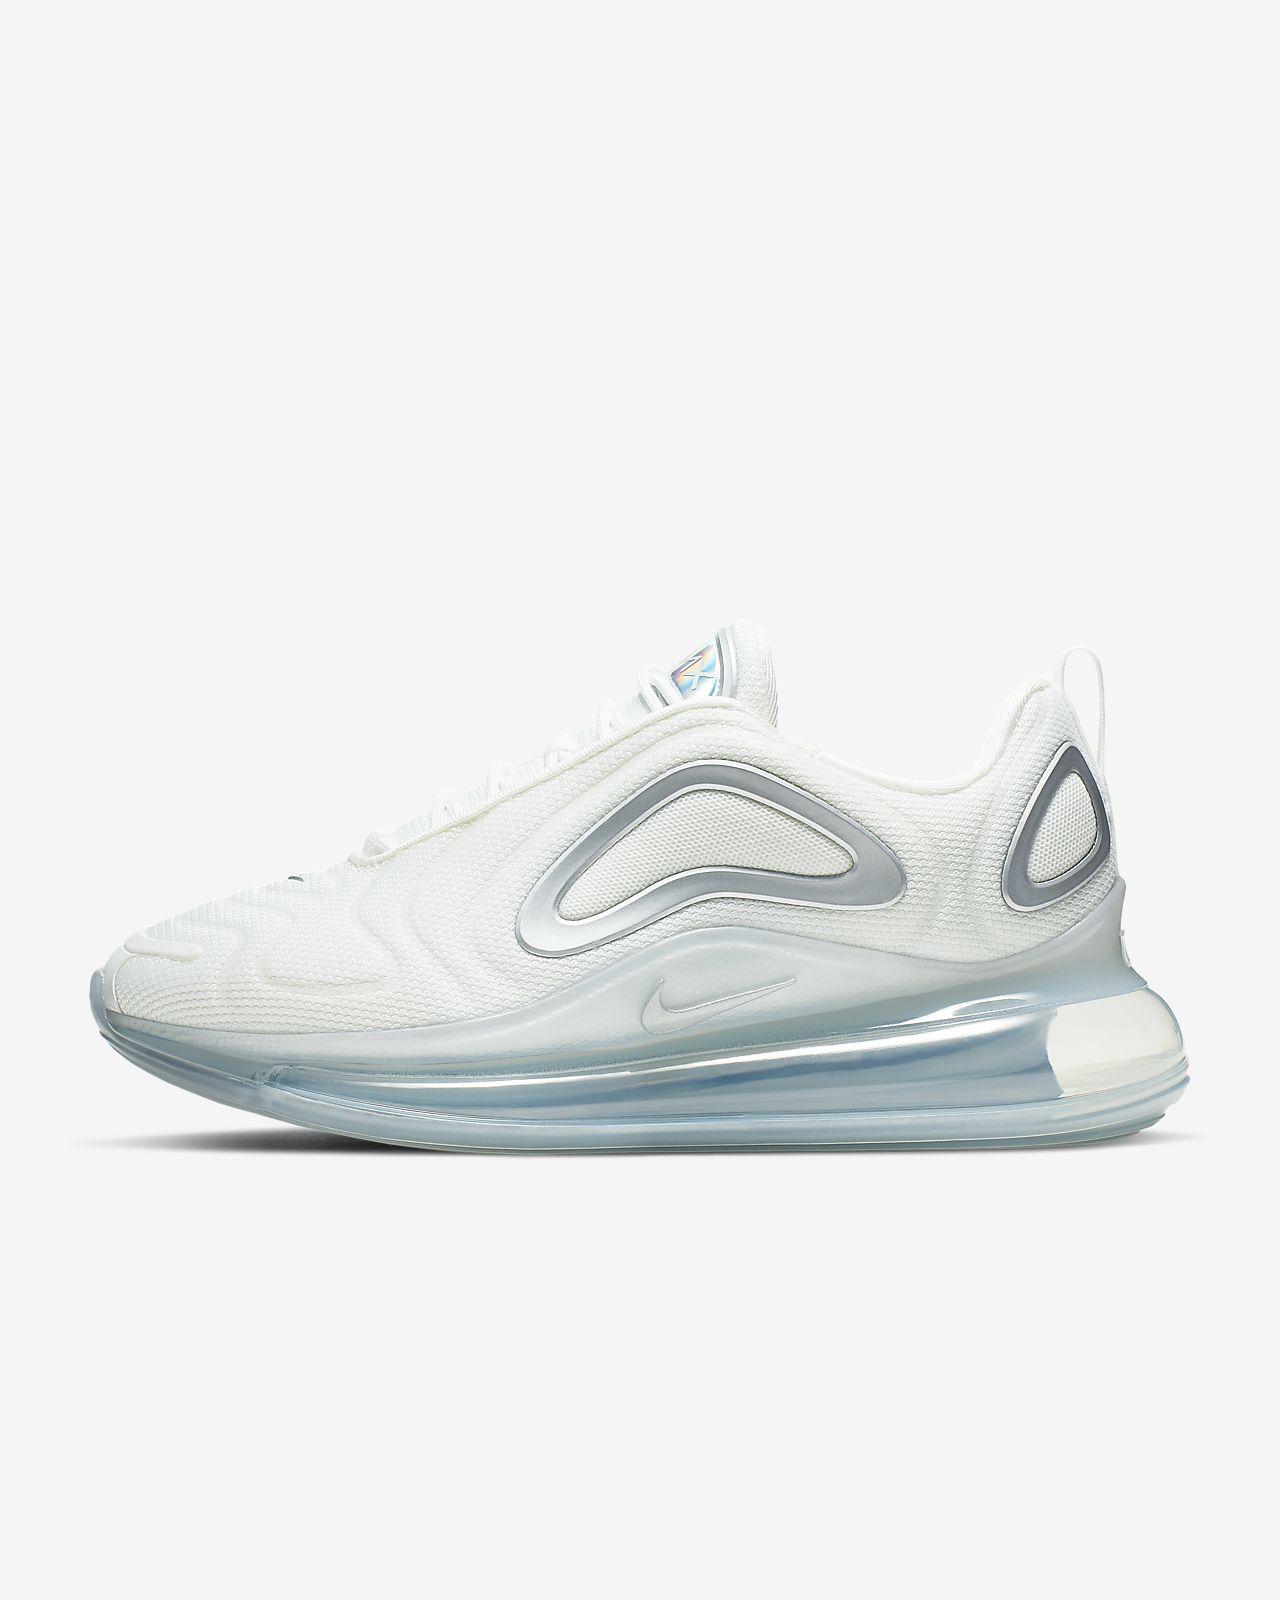 Nike Air Max 720 | Chaussures de Femmes Nike Air Max 720